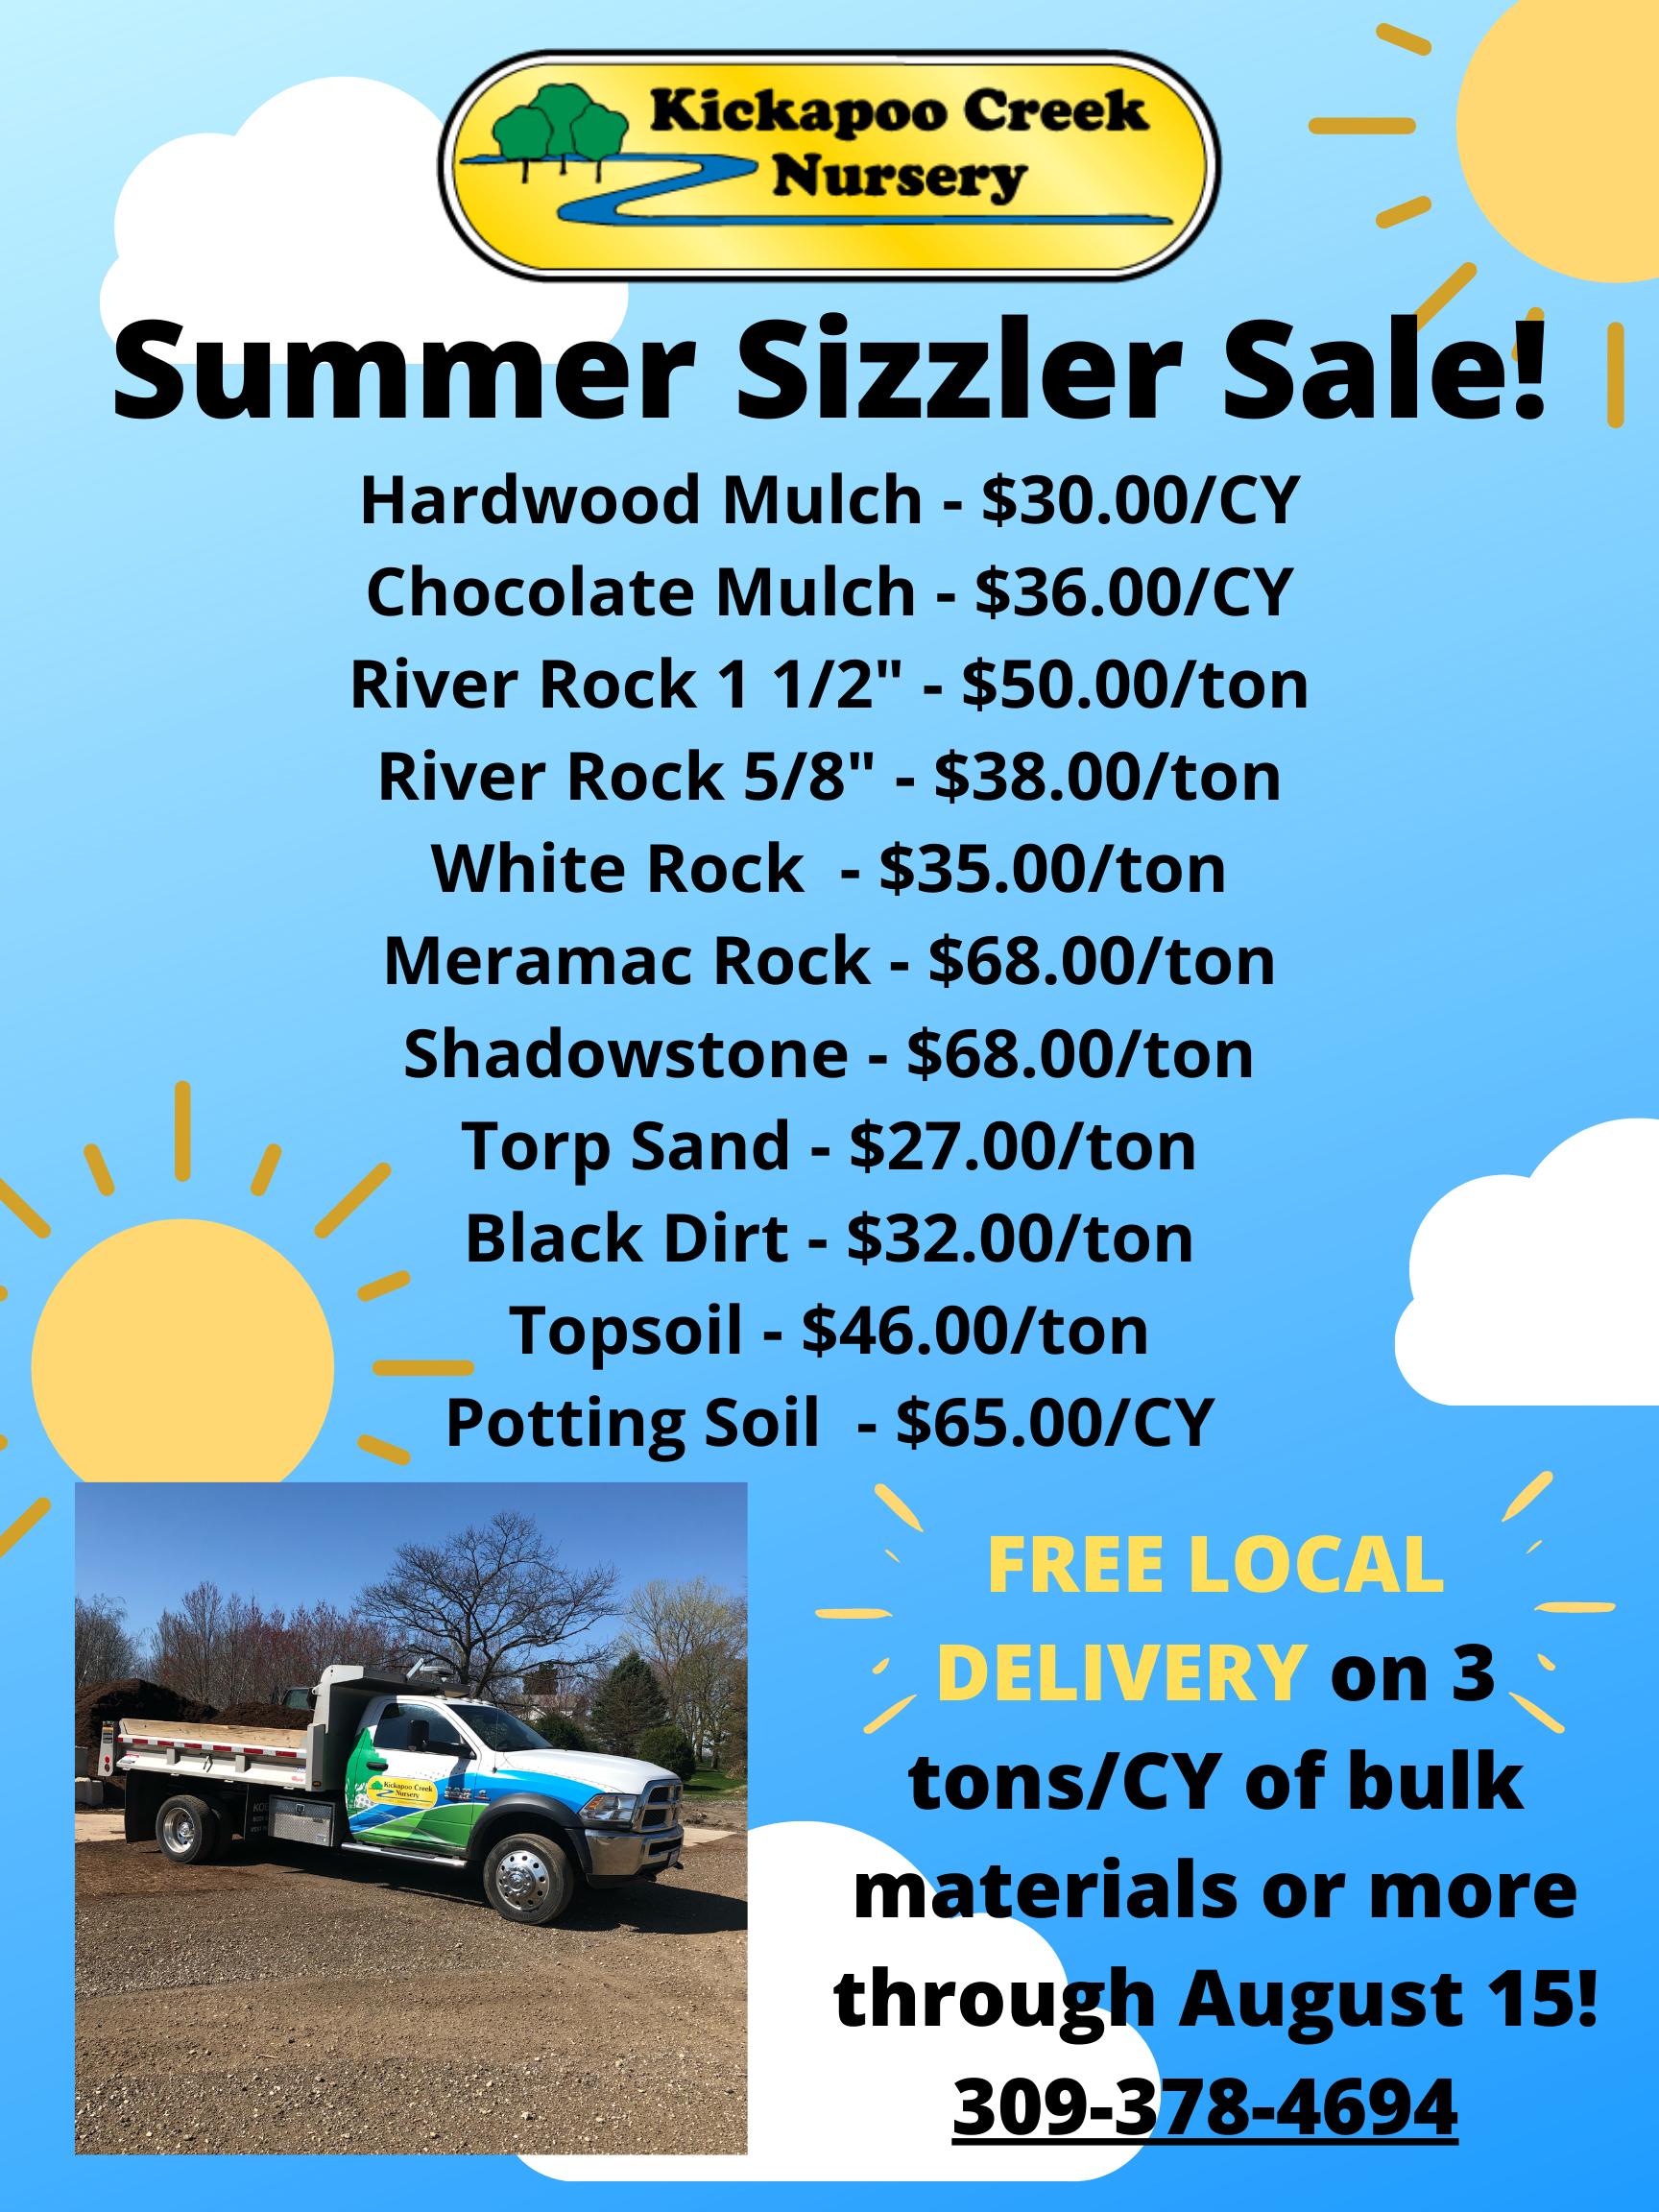 Summer Sizzler Sale!2020